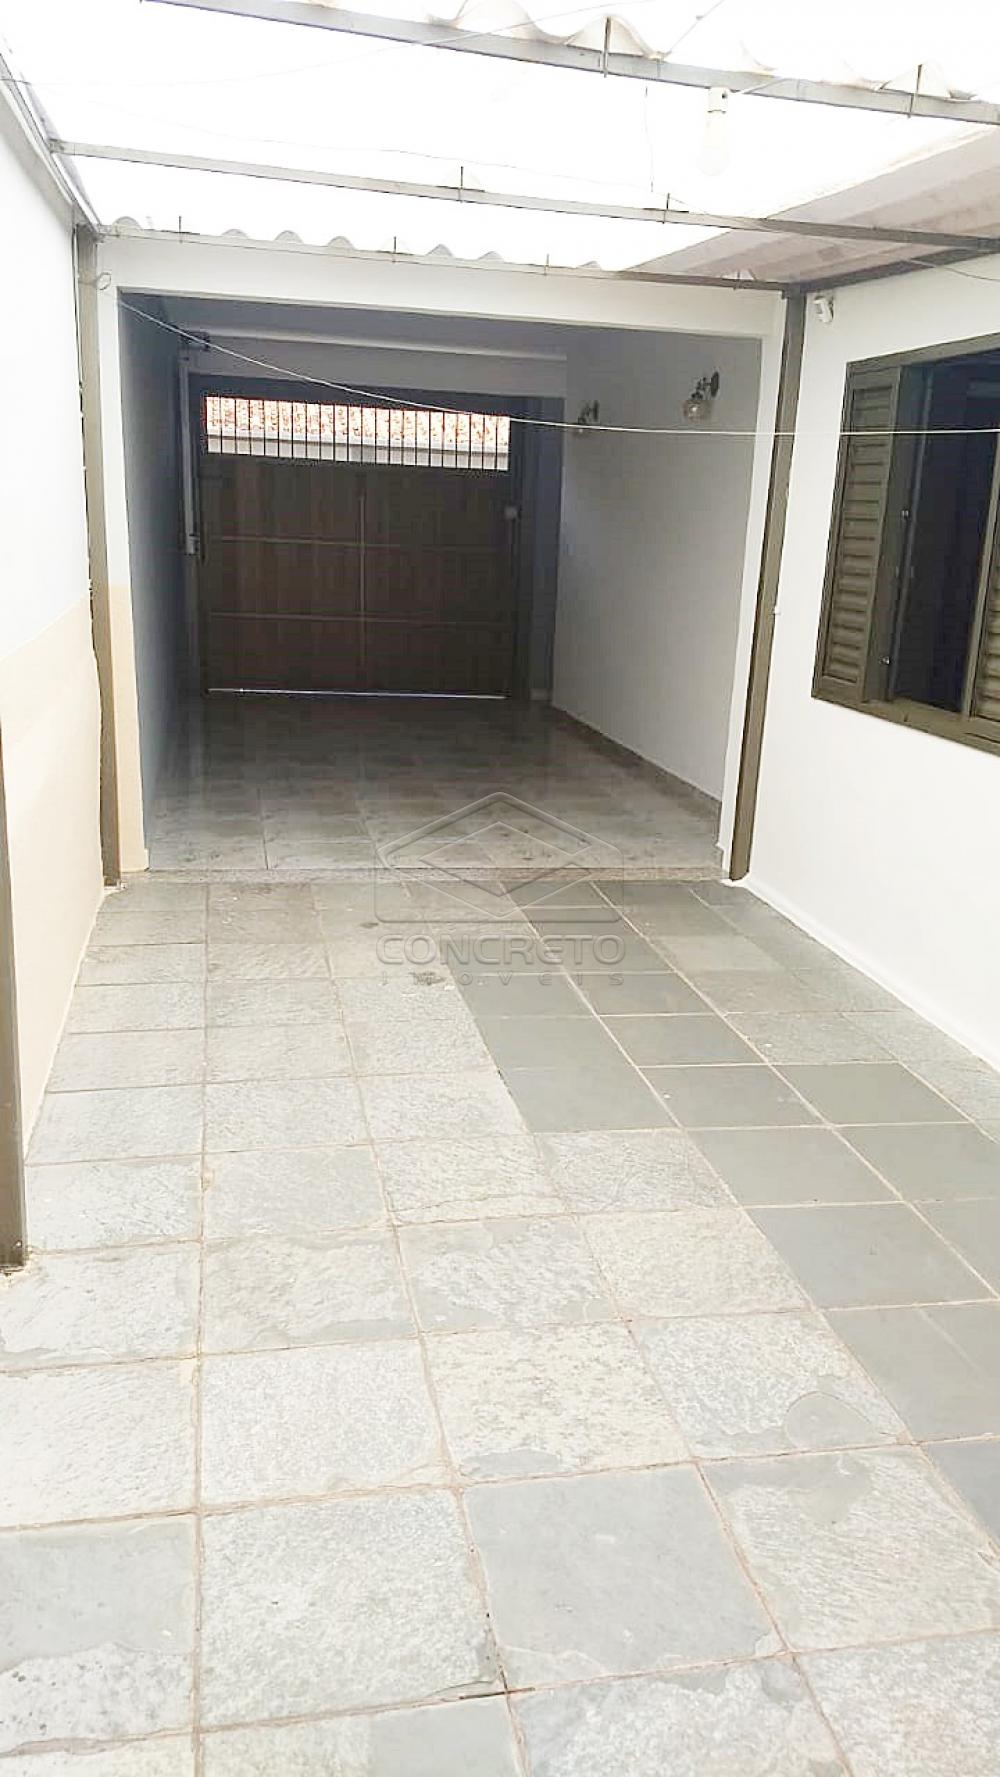 Comprar Casa / Residencia em Jaú apenas R$ 305.000,00 - Foto 1